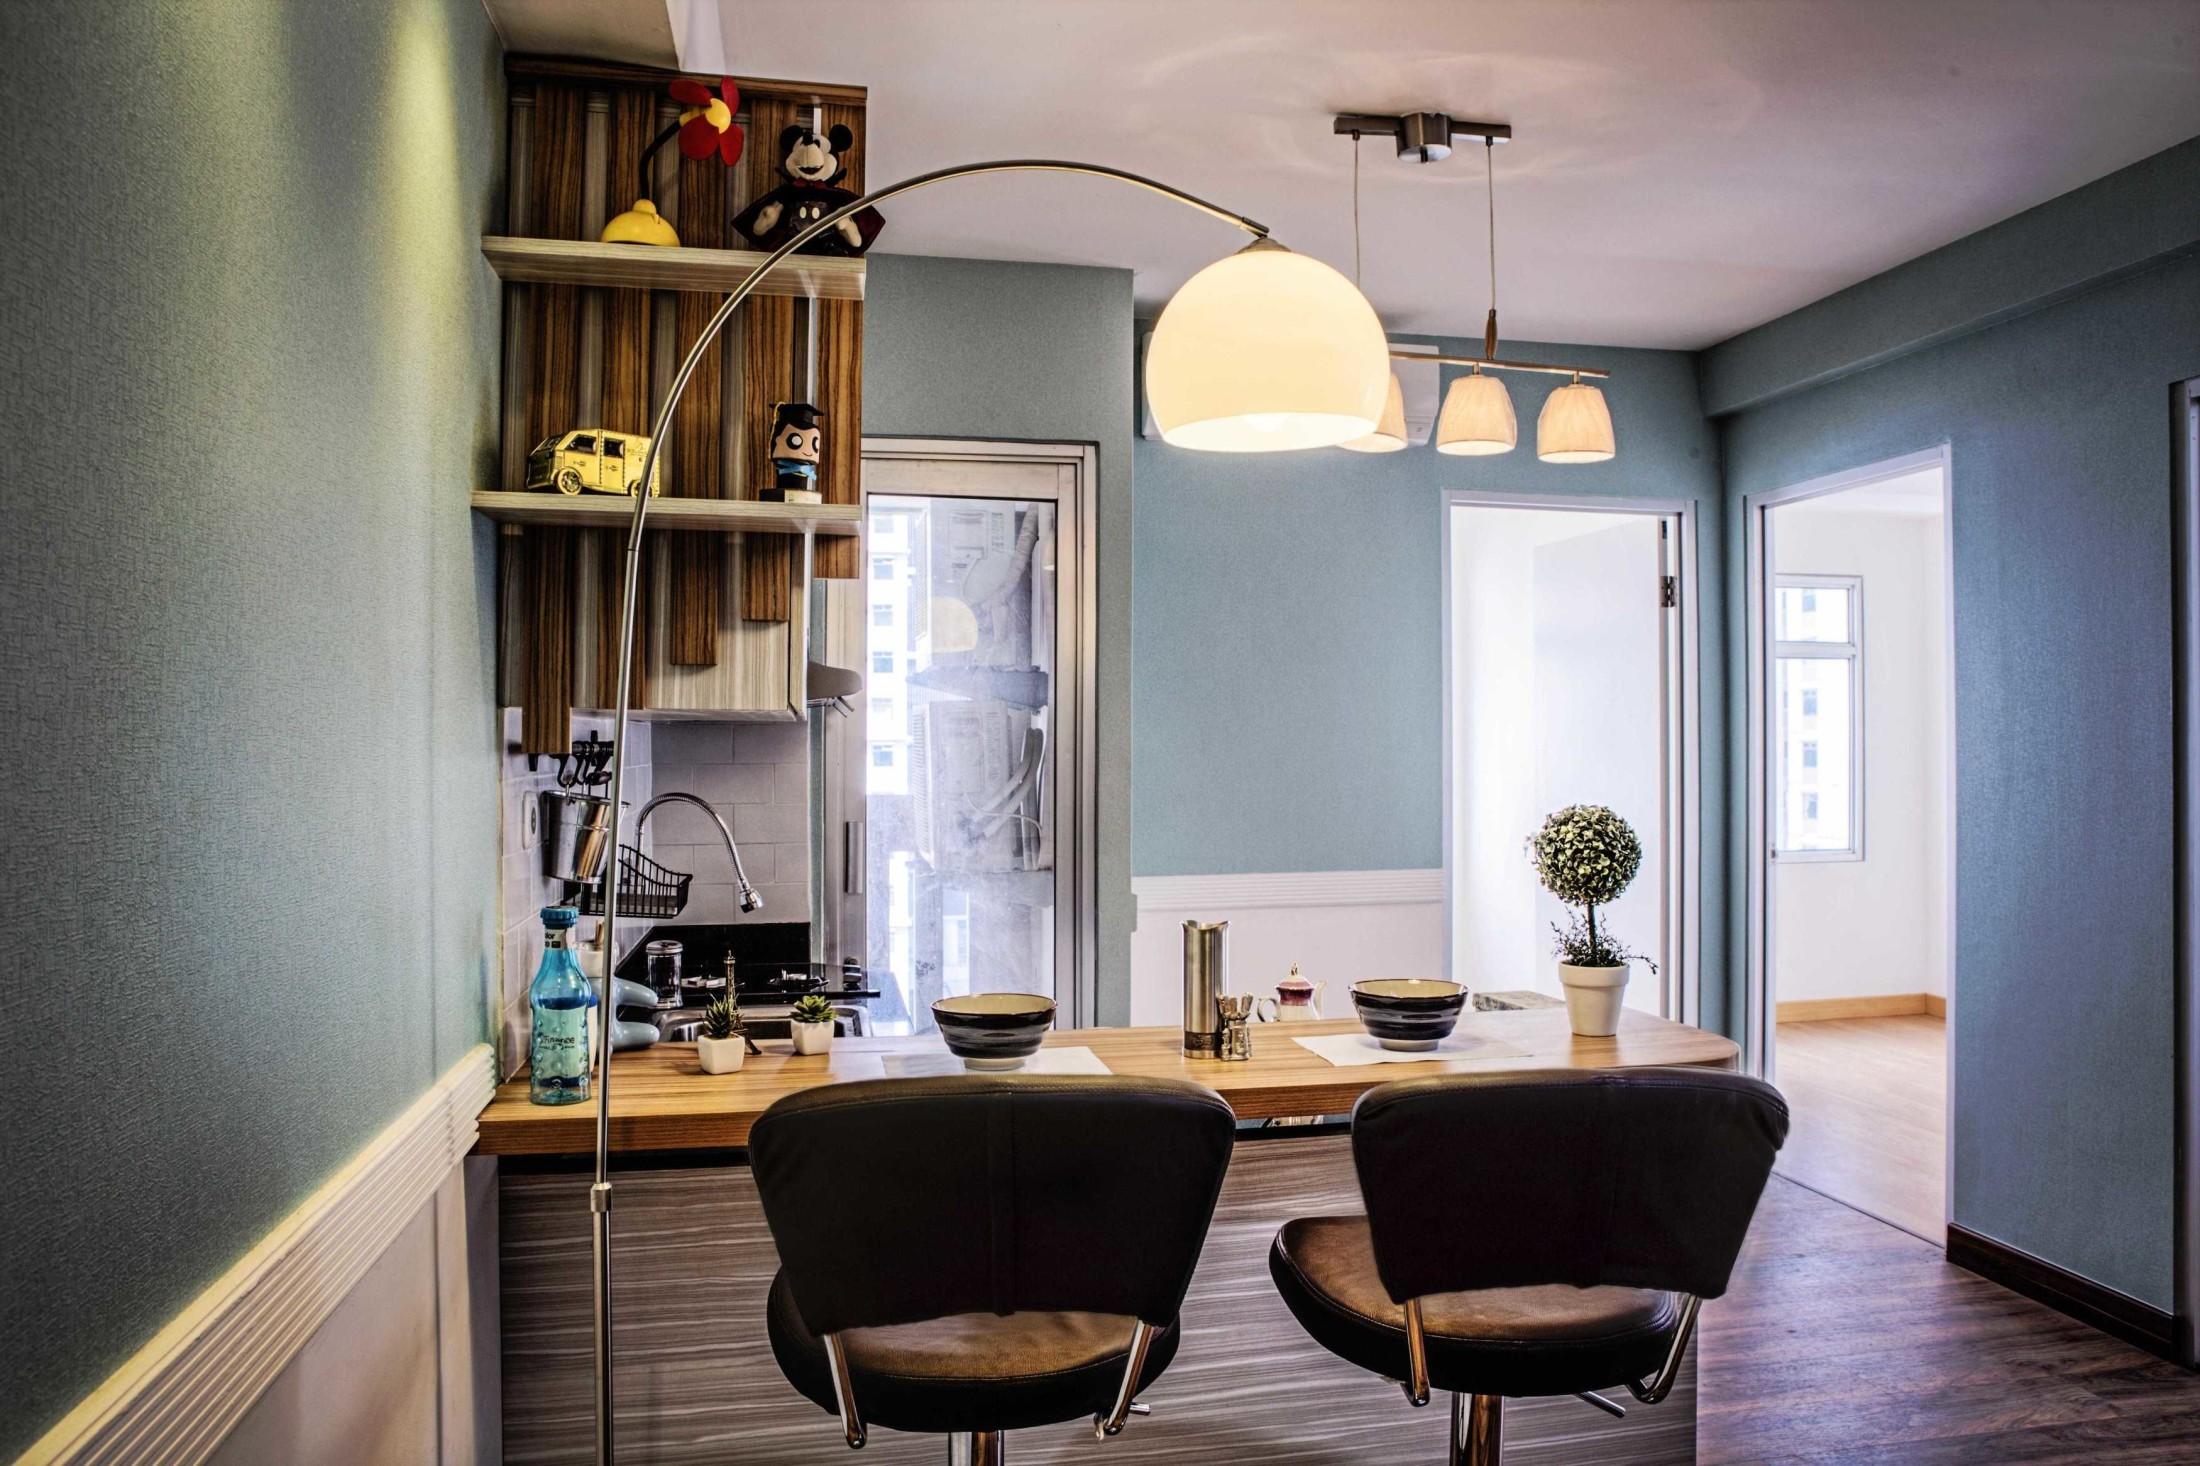 Inspirasi Lampu Dapur Keren untuk Membuat Suasana Dapur Anda Lebih Hidup | Foto artikel Arsitag